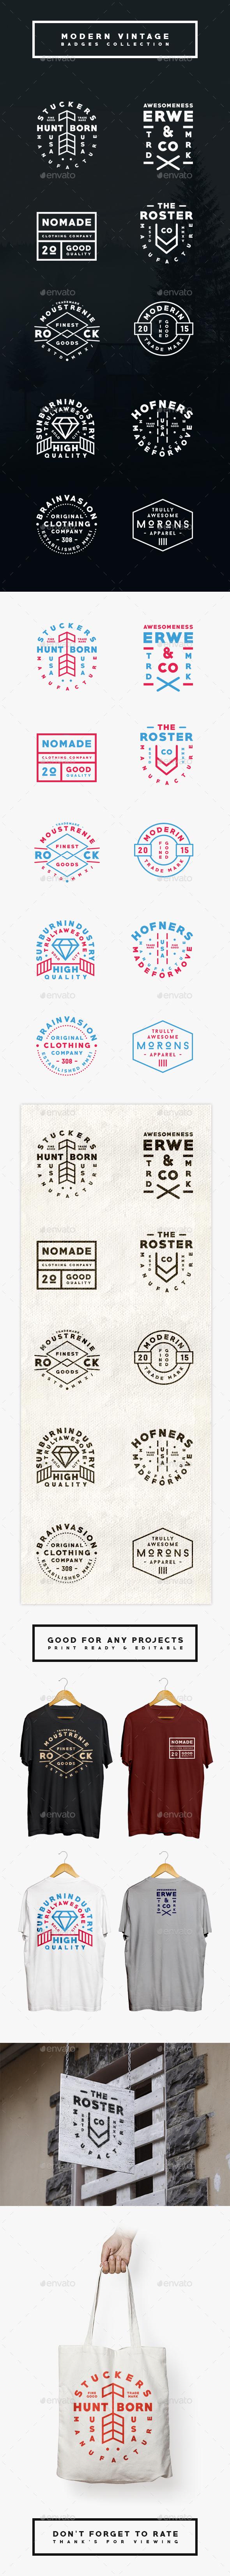 Modern Vintage Logo/Badges Collection - Badges & Stickers Web Elements